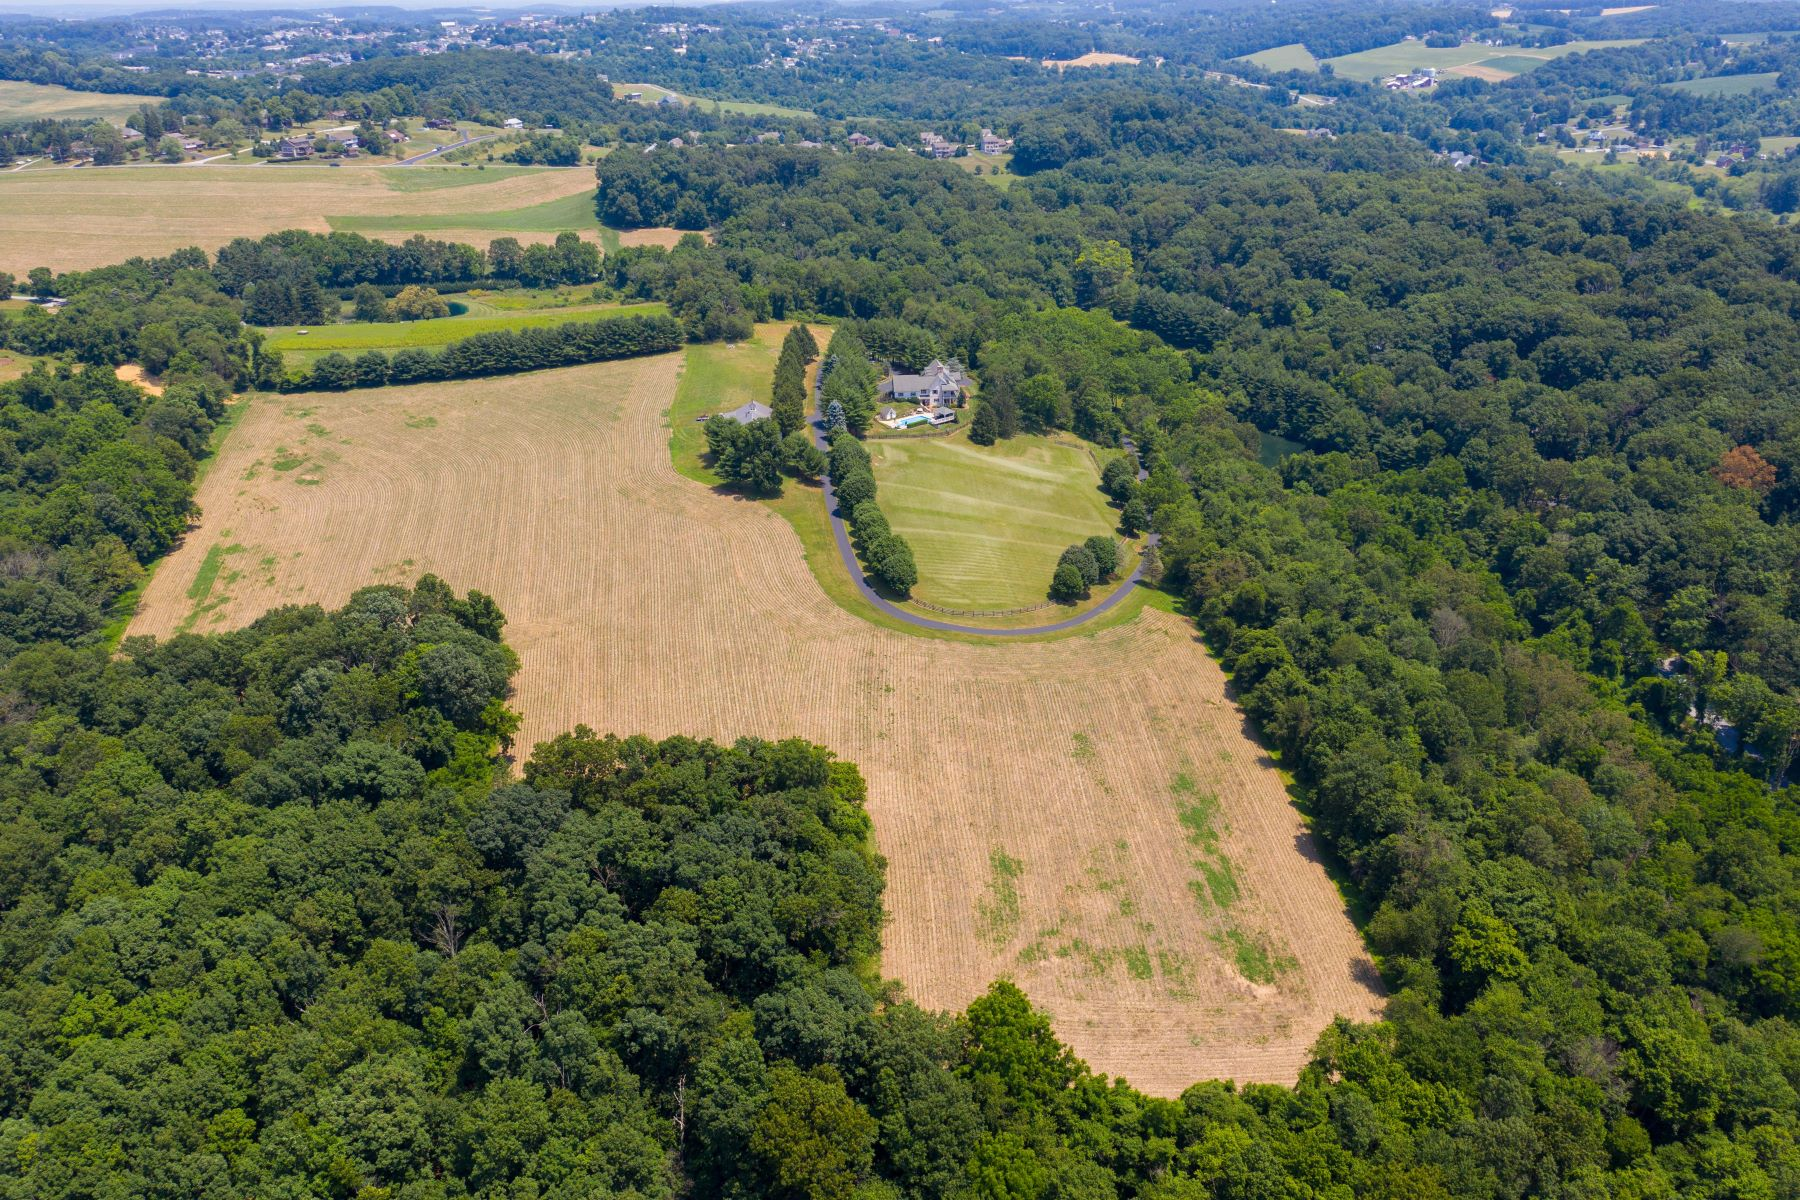 Ferme / Ranch / Plantation pour l Vente à Dallastown, Pennsylvanie 17313 États-Unis